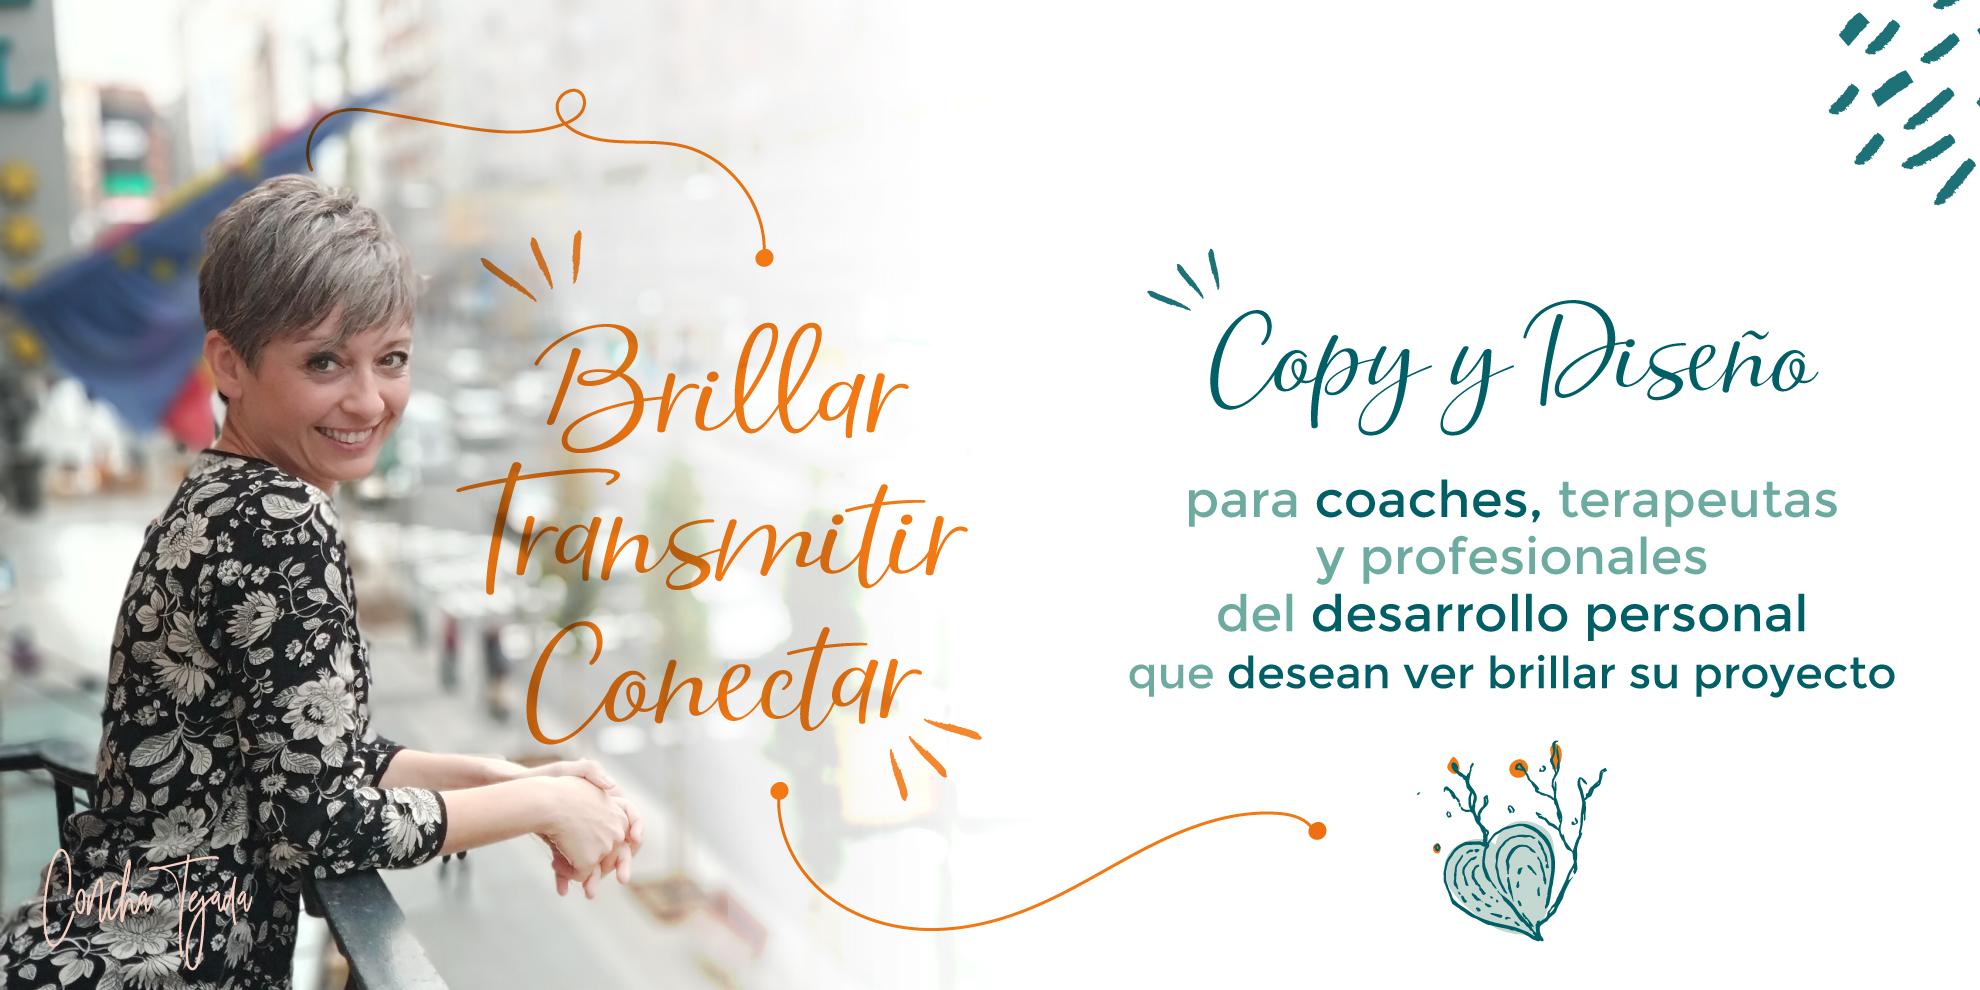 servicios-de-copy-y-diseno-para-coaches-y-terapeutas-que-desean-ver-brillar-su-esencia-concha-tejada